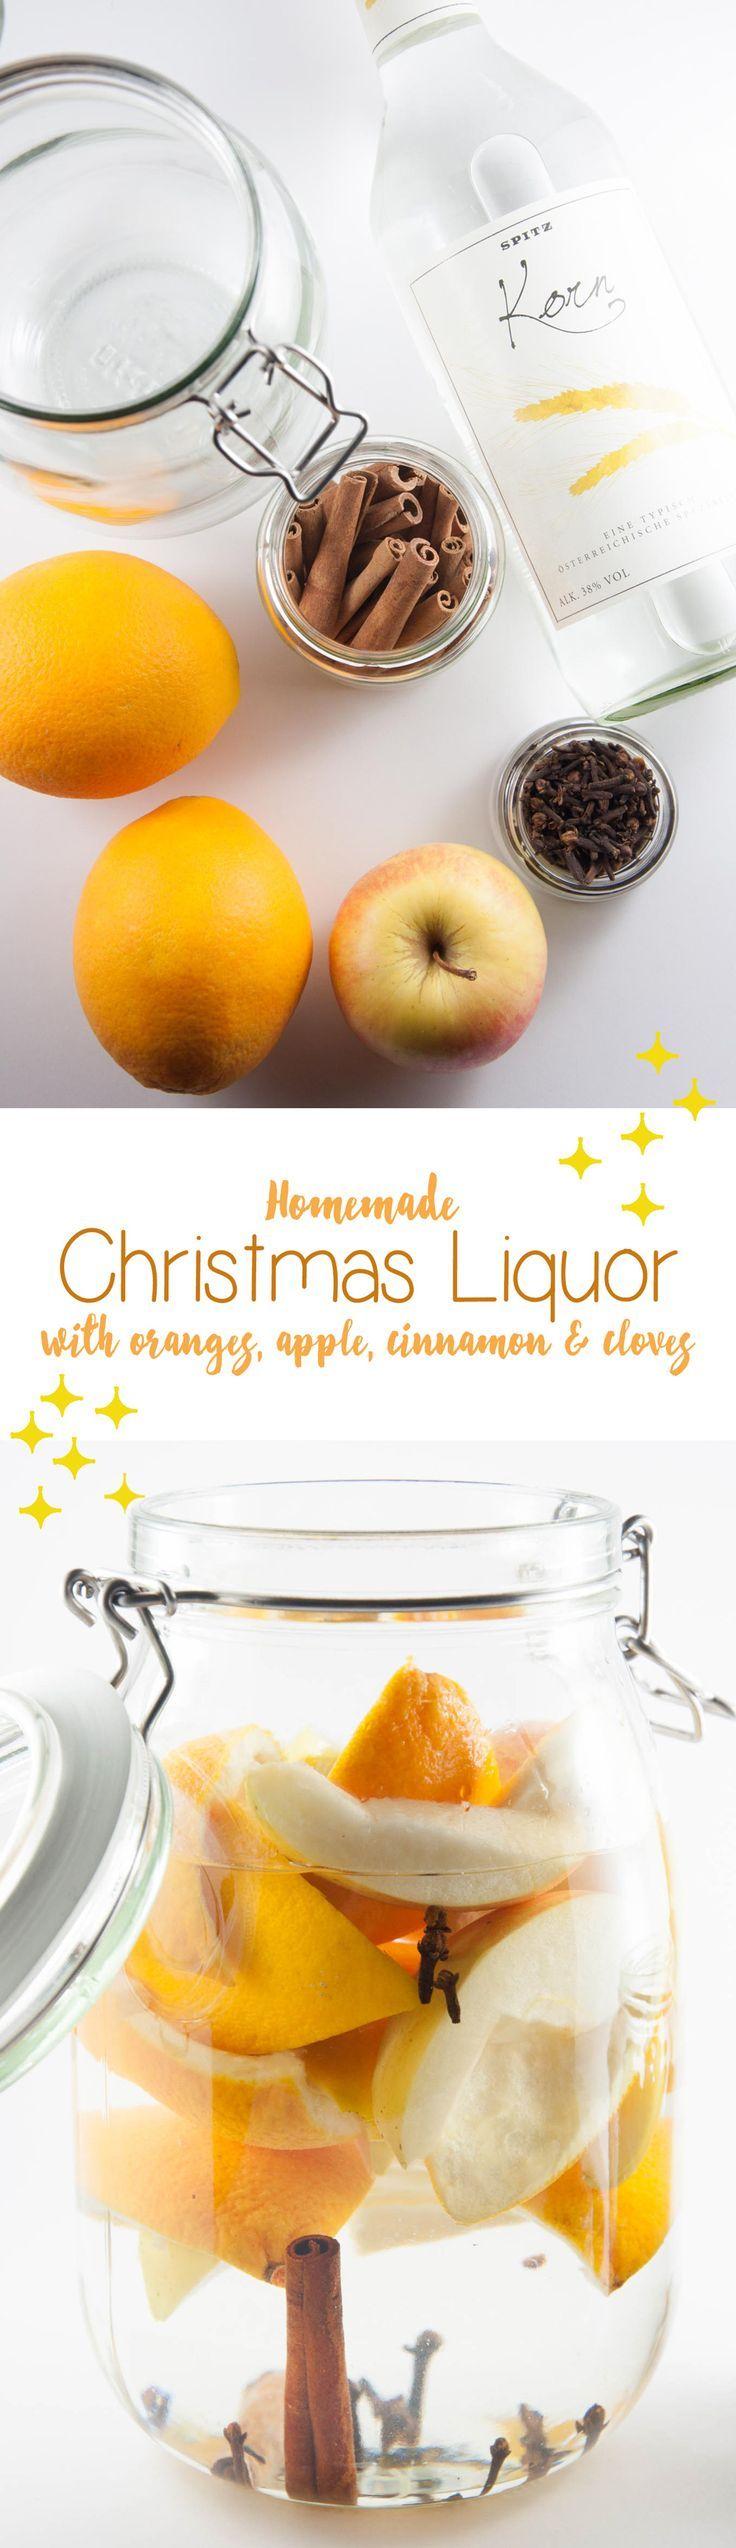 Homemade Christmas Liquor | ElephantasticVegan.com                                                                                                                                                     More